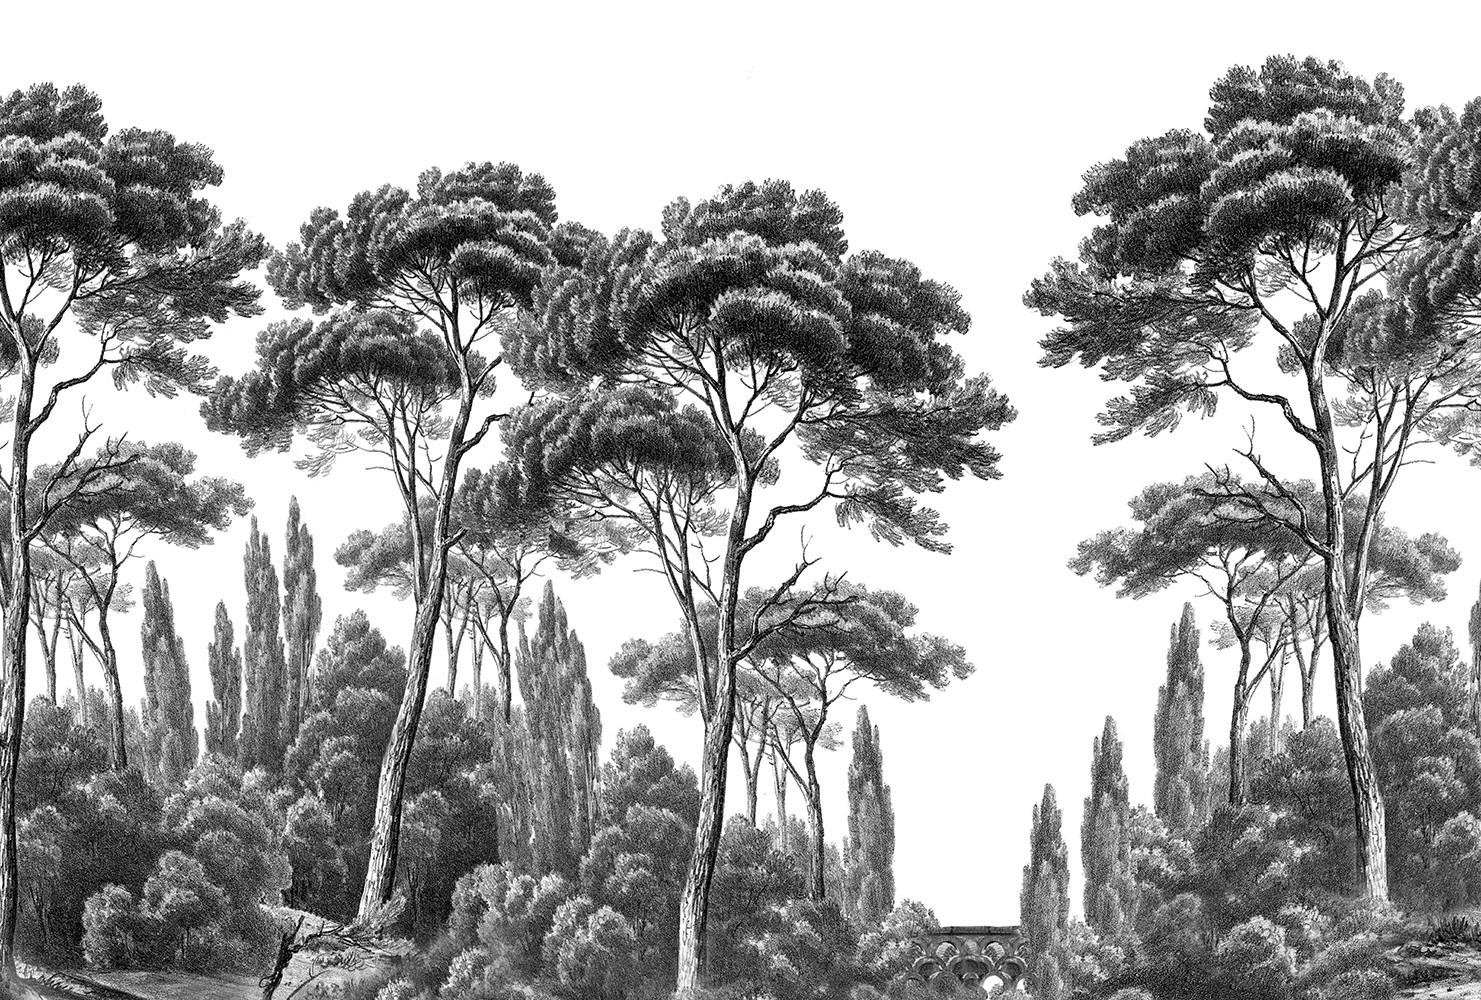 Papier Peint Panoramique Ananbô Pins Et Cyprès Noir Et Blanc